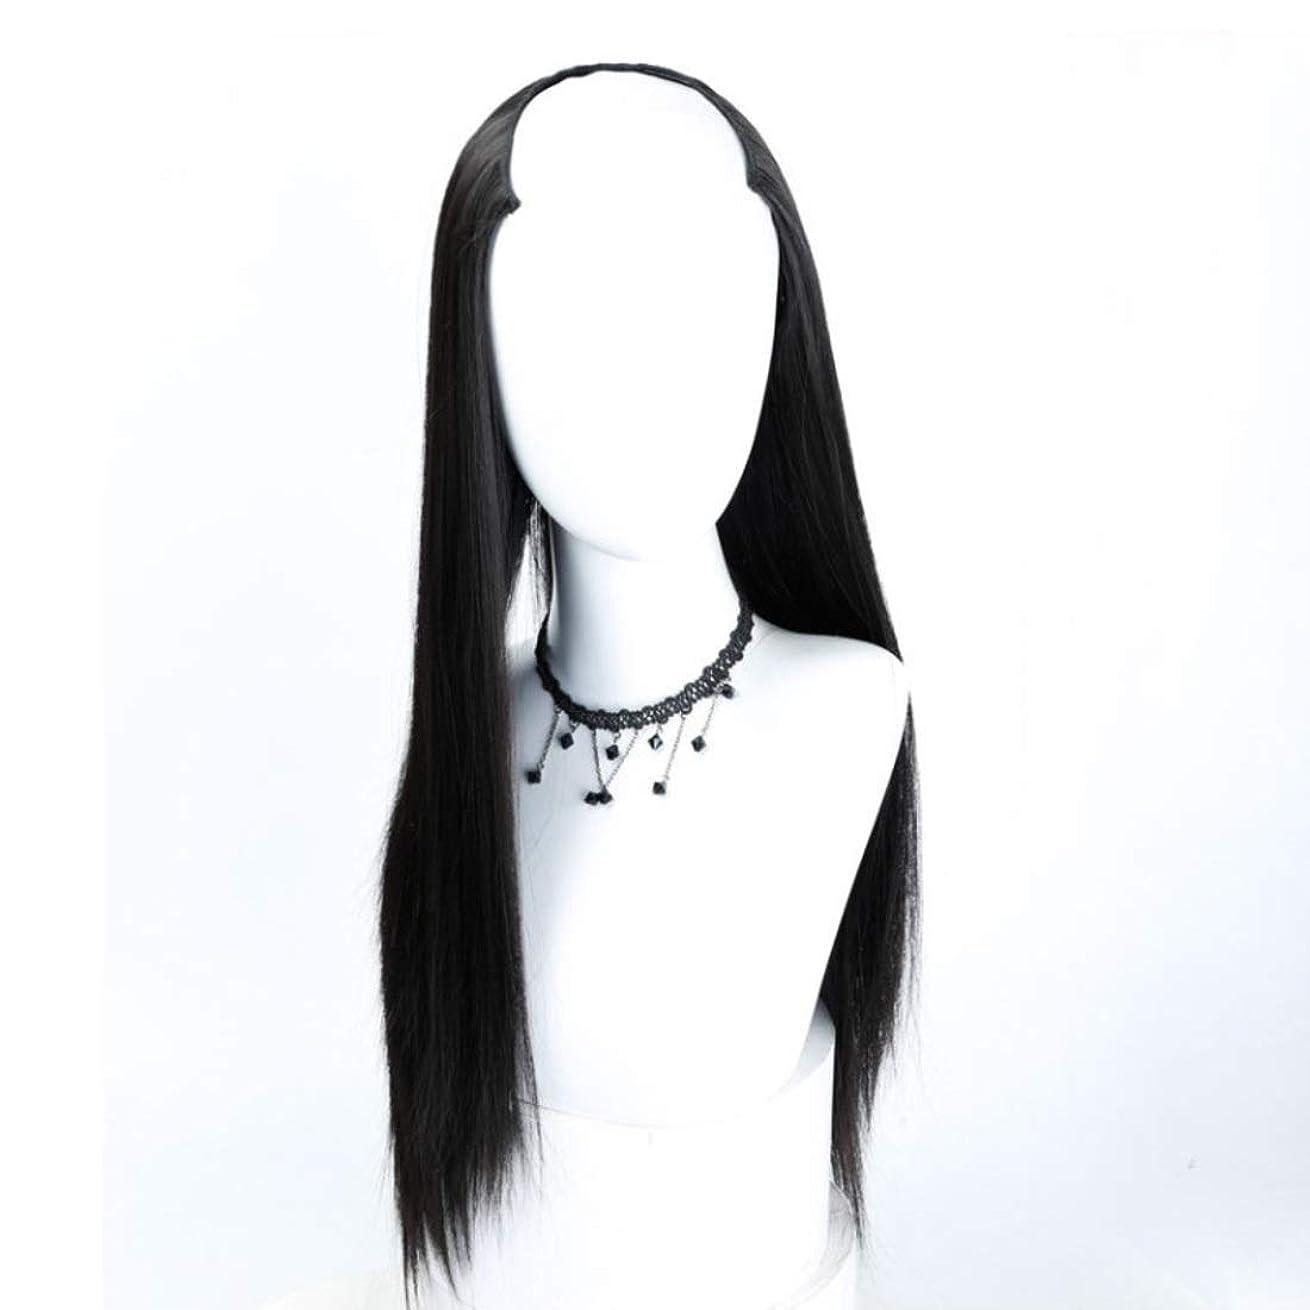 マニュアルに付ける推進力Summerys U字型かつら、長いストレートヘア見えないシームレスなヘッドギア合成色かつら (Color : Black)